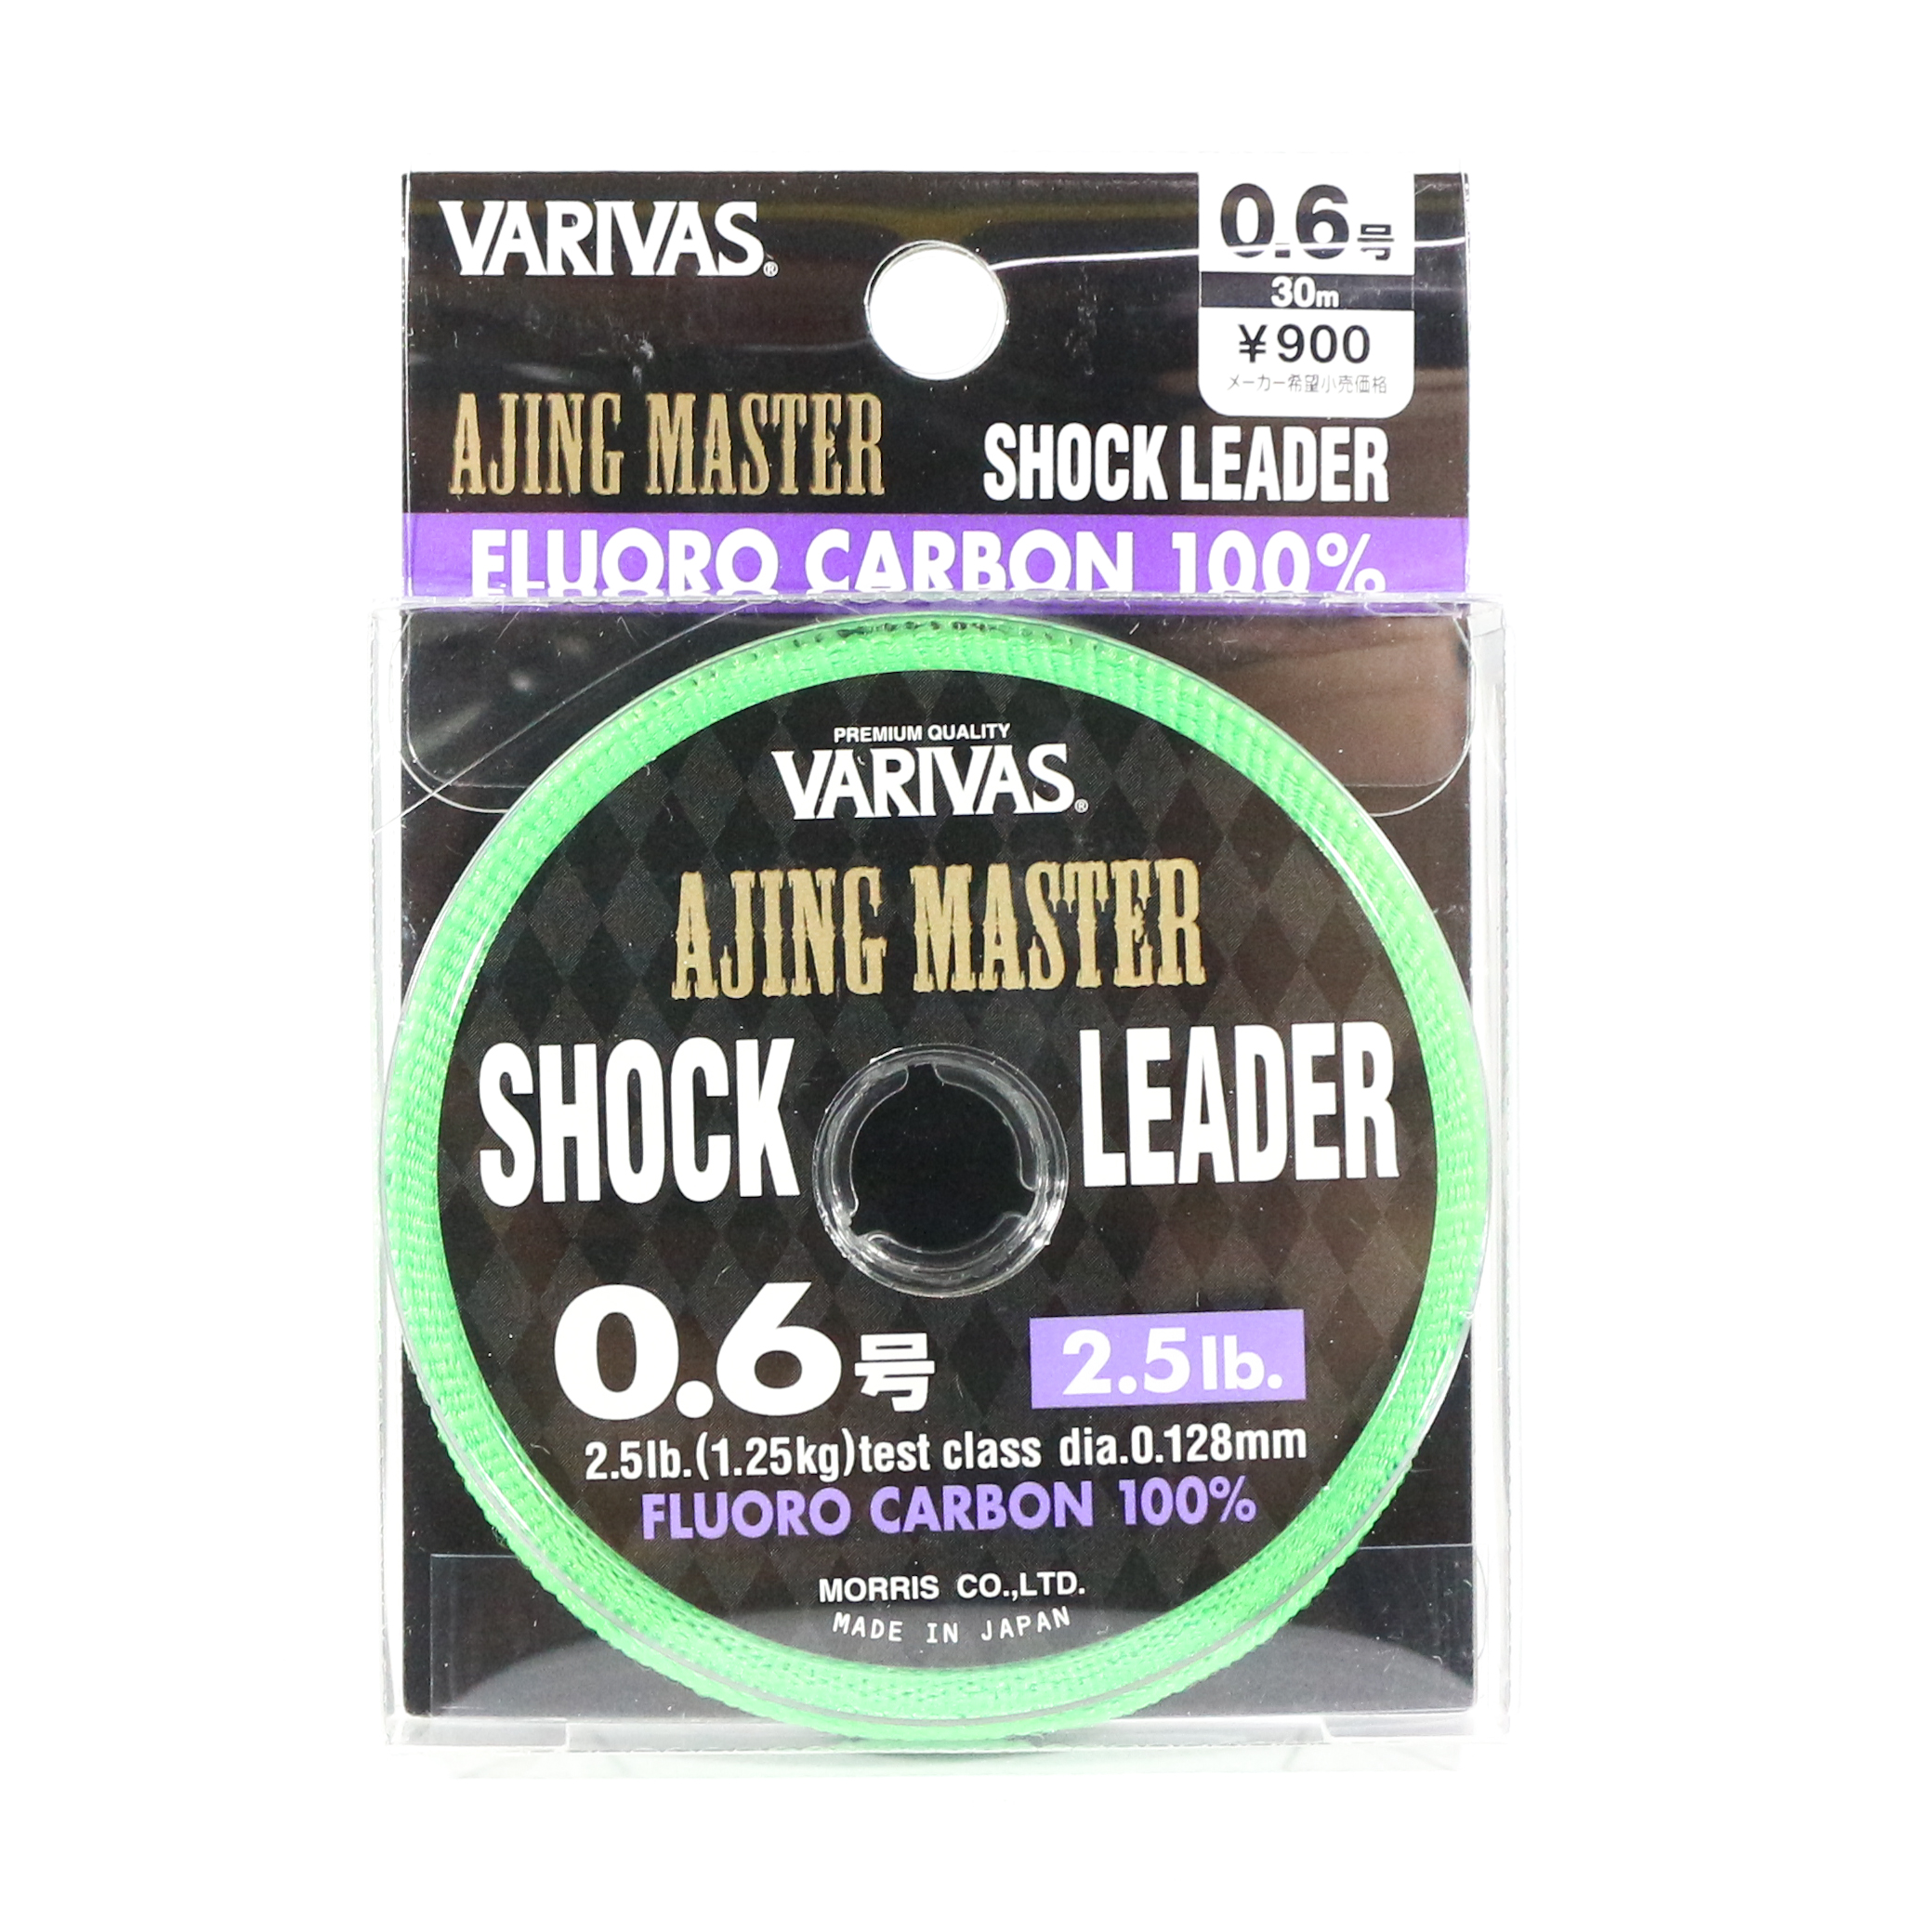 Varivas Fluorocarbon Ajing Master Shock Leader Line 30m 0.6, 2.5lb (8590)